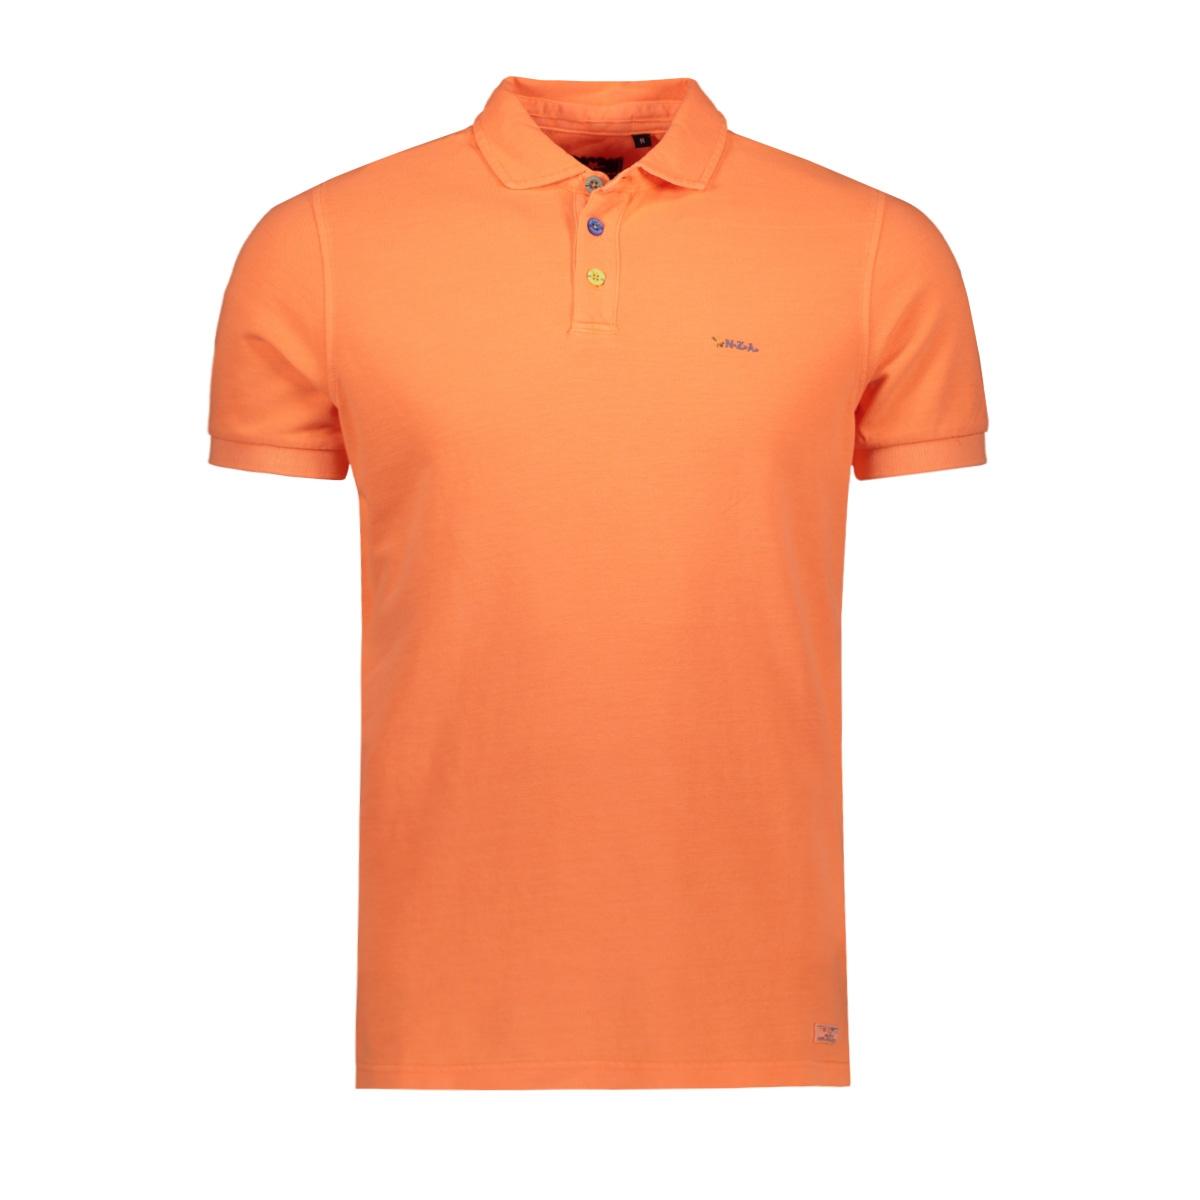 waiapu 20cn150 n.z.a. polo 641 peach orange